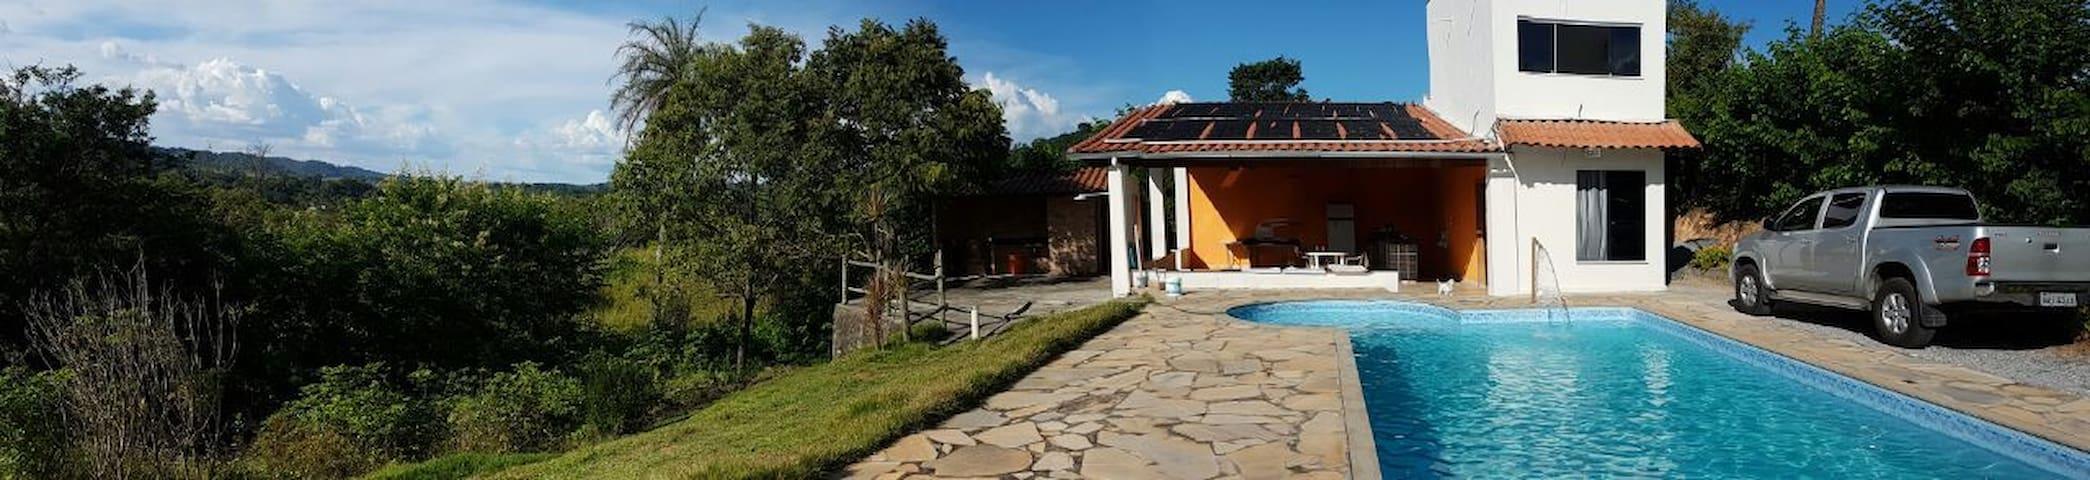 Contry House Mar de Espanha - Pedro Leopoldo - Stuga